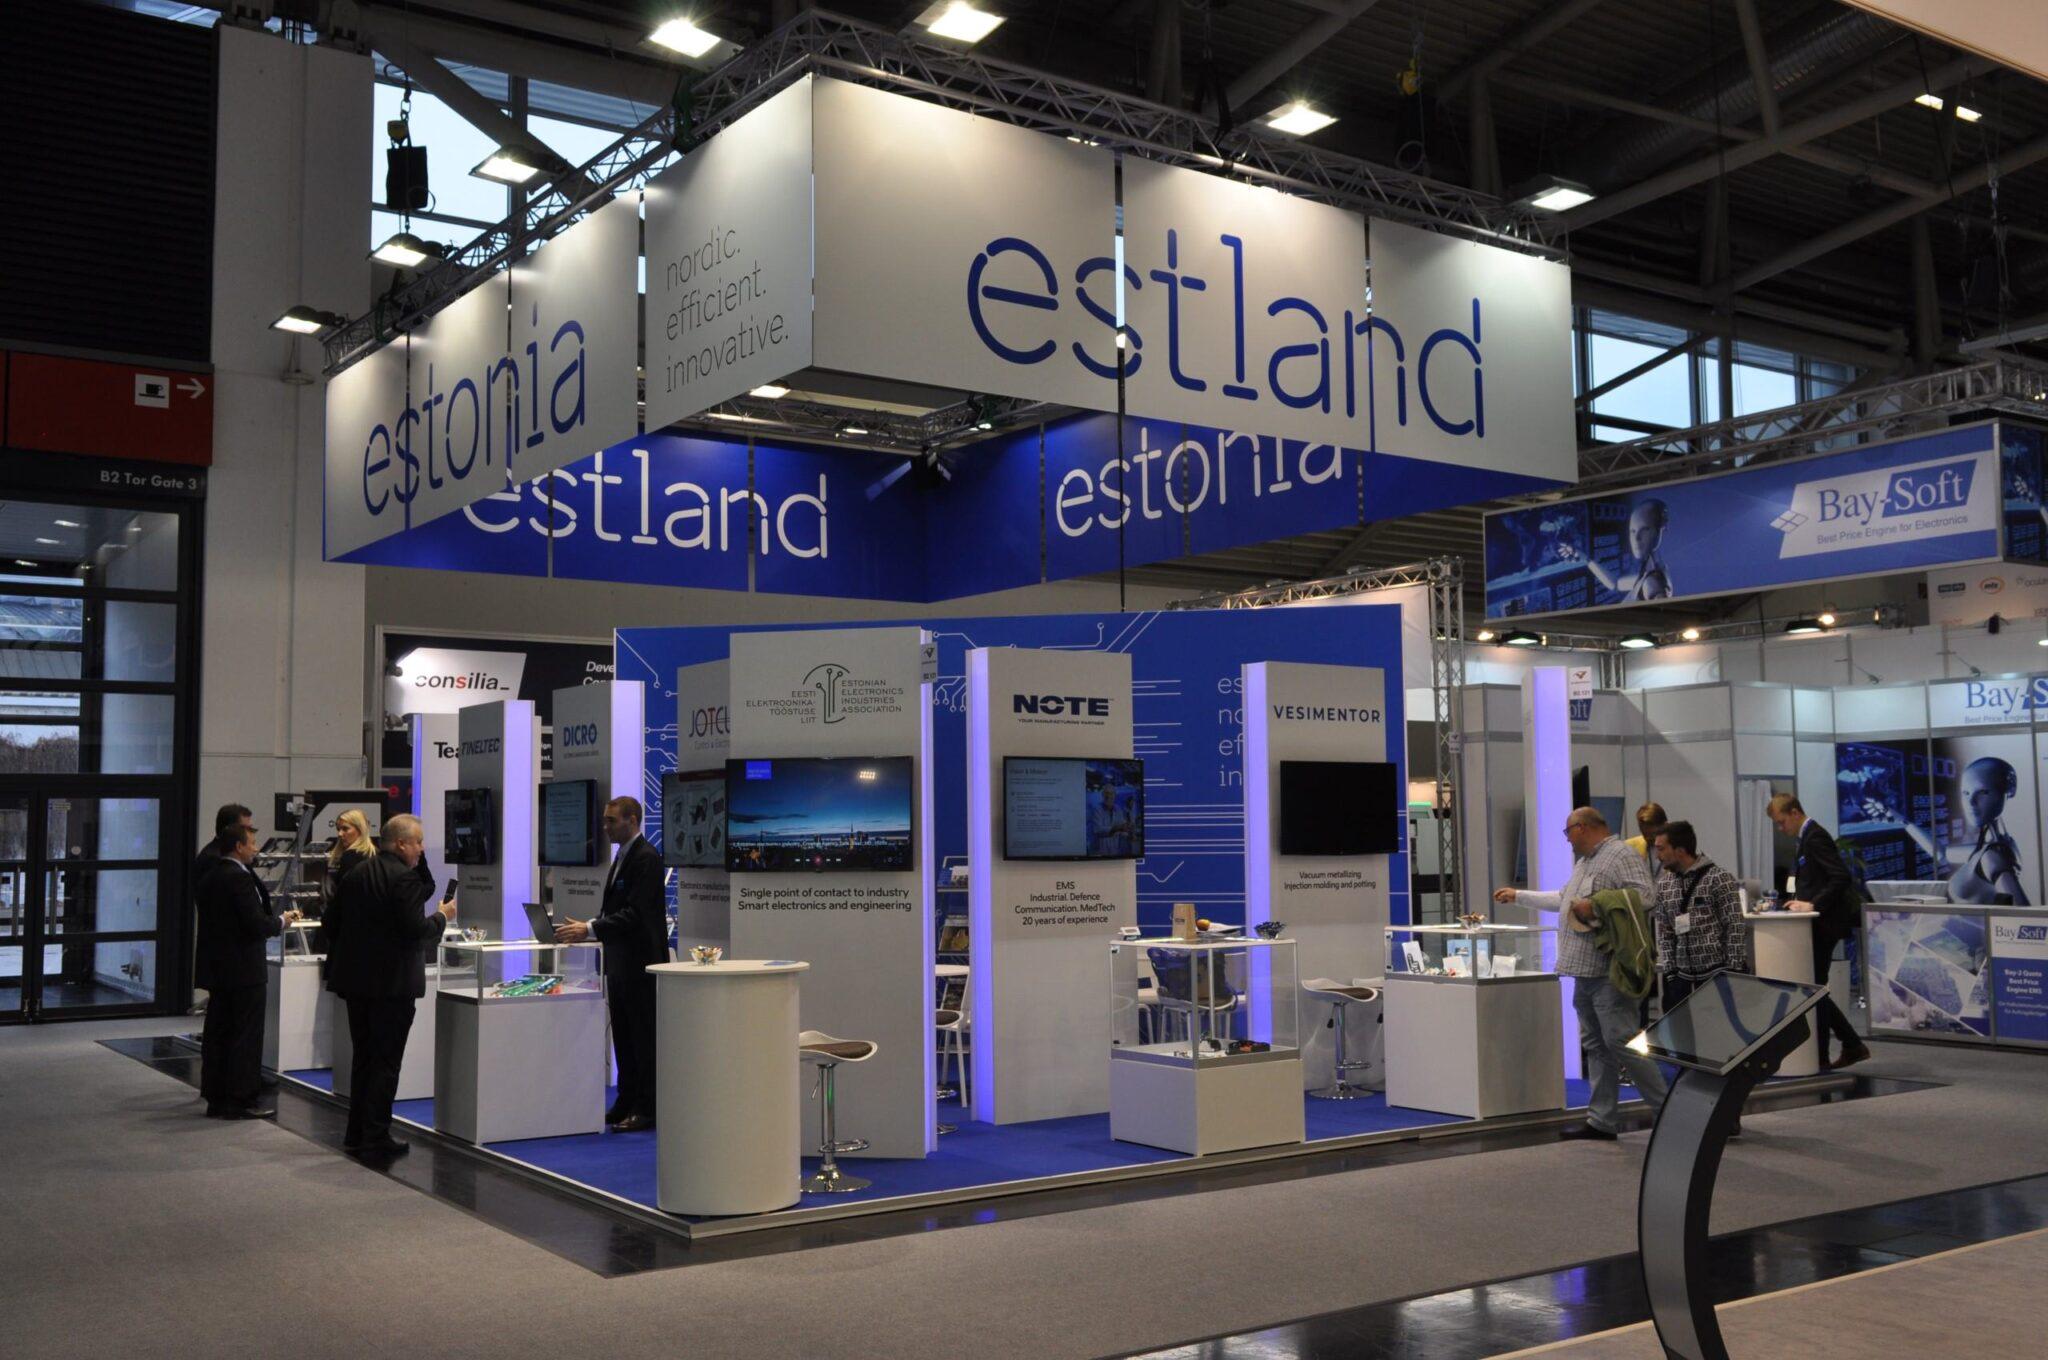 Eesti elektroonikaettevõted on esindatud Saksamaa tööstusmessil Productronica 2019. Foto: Eesti Elektroonikatööstuse Liit